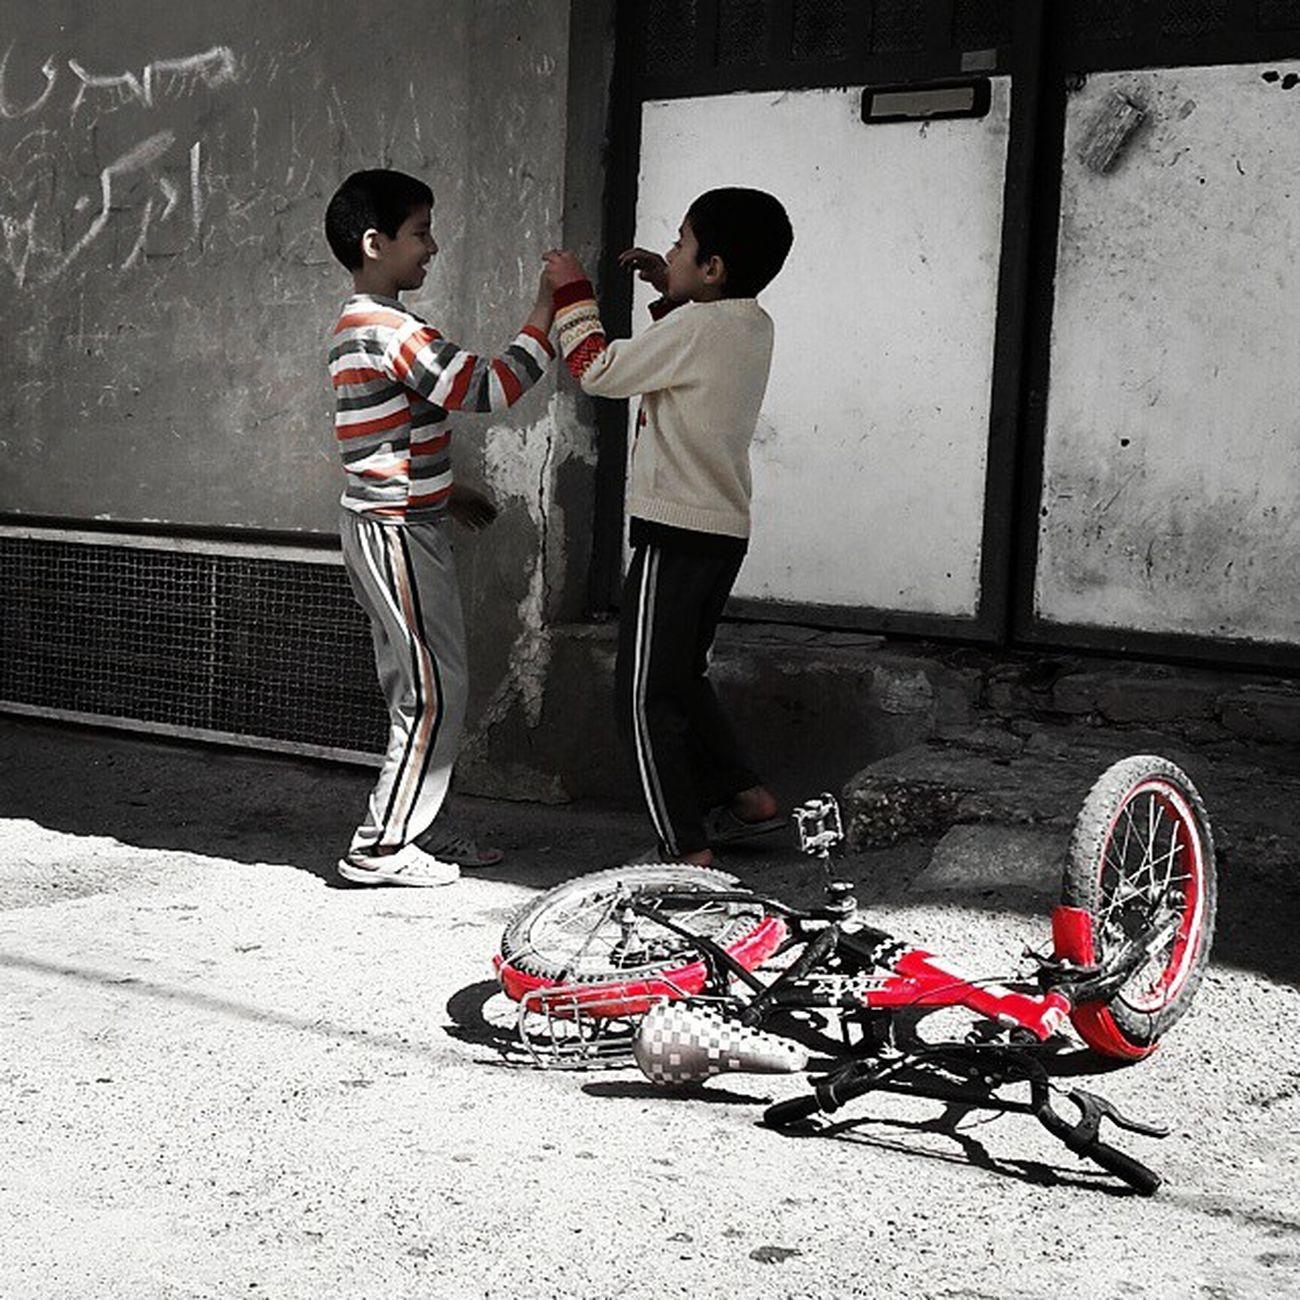 . نوبتی باشه نوبتی ولی چون دوچرخه مال منه، من اول سوار میشم . . این داستان: پسرانی_با_دوچرخه_گرمز